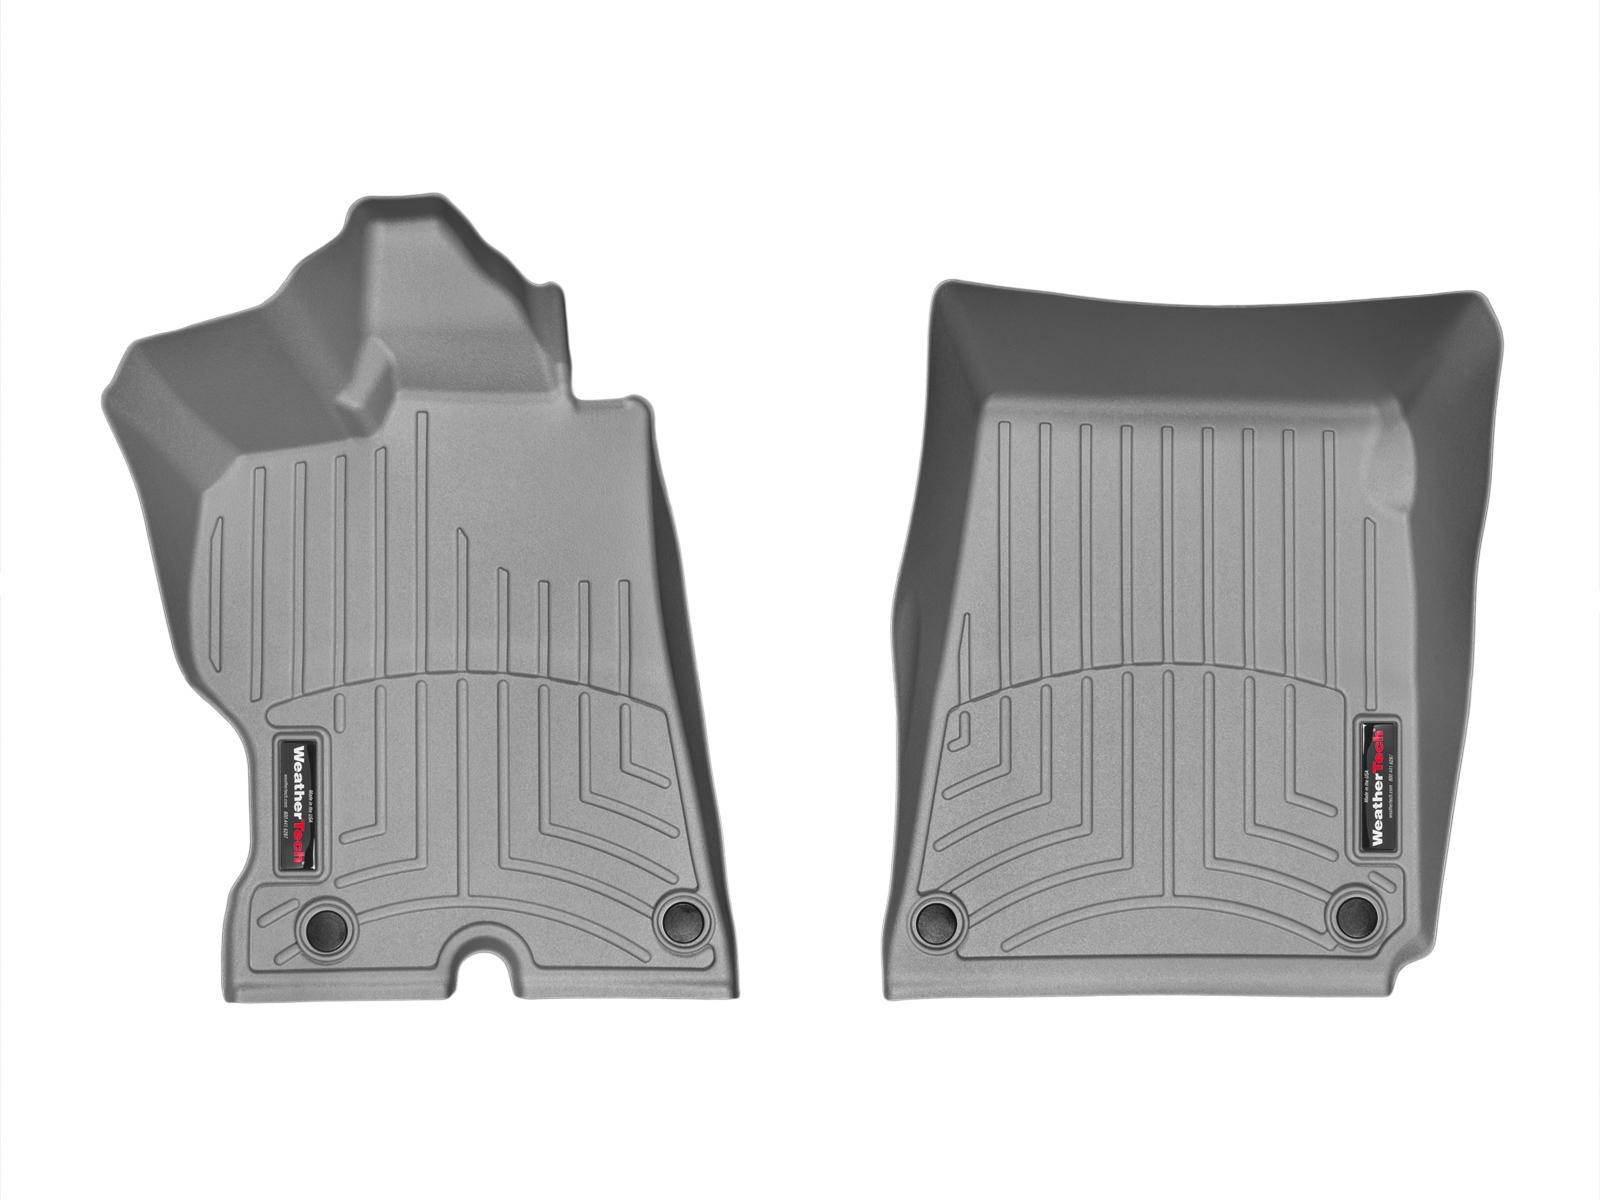 Tappeti gomma su misura bordo alto Ferrari FF 12>16 Grigio A746*